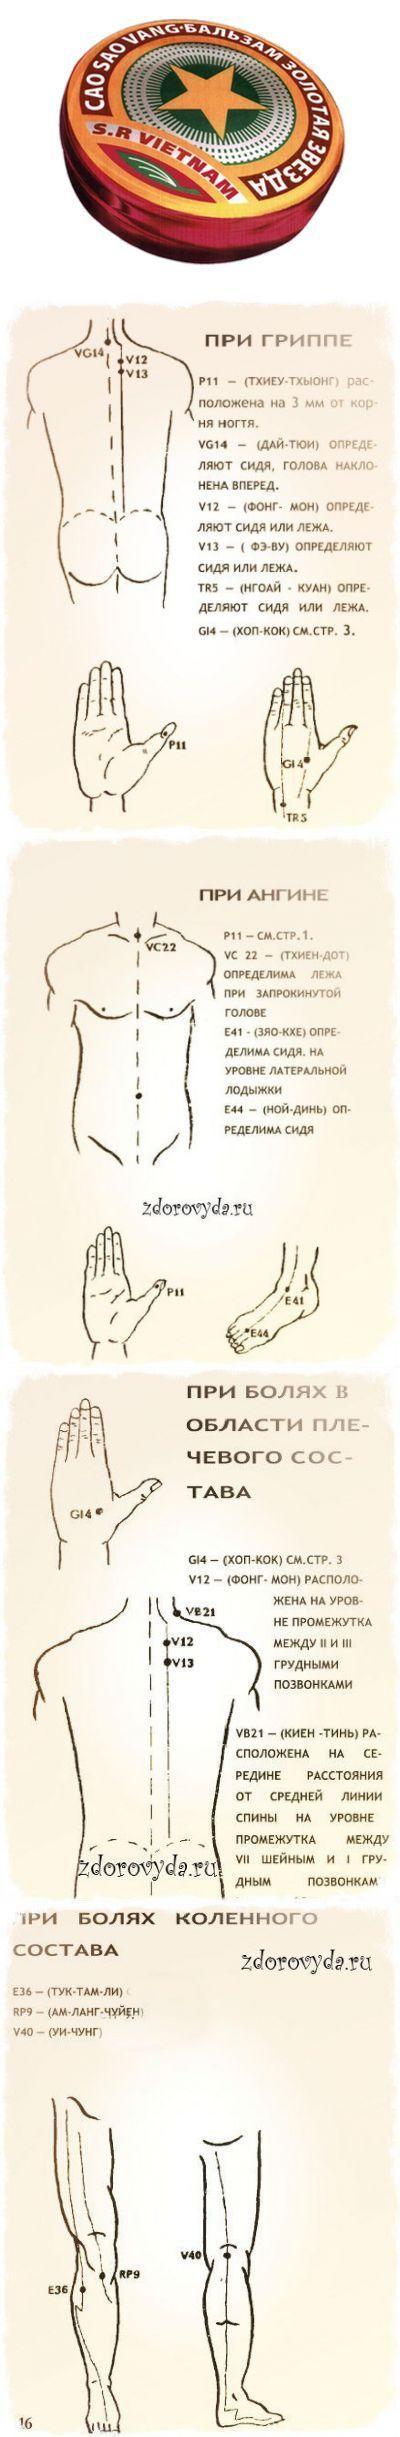 Бальзам «Золотая звезда» Правила эффективного применения.   Восточная медицина   Постила